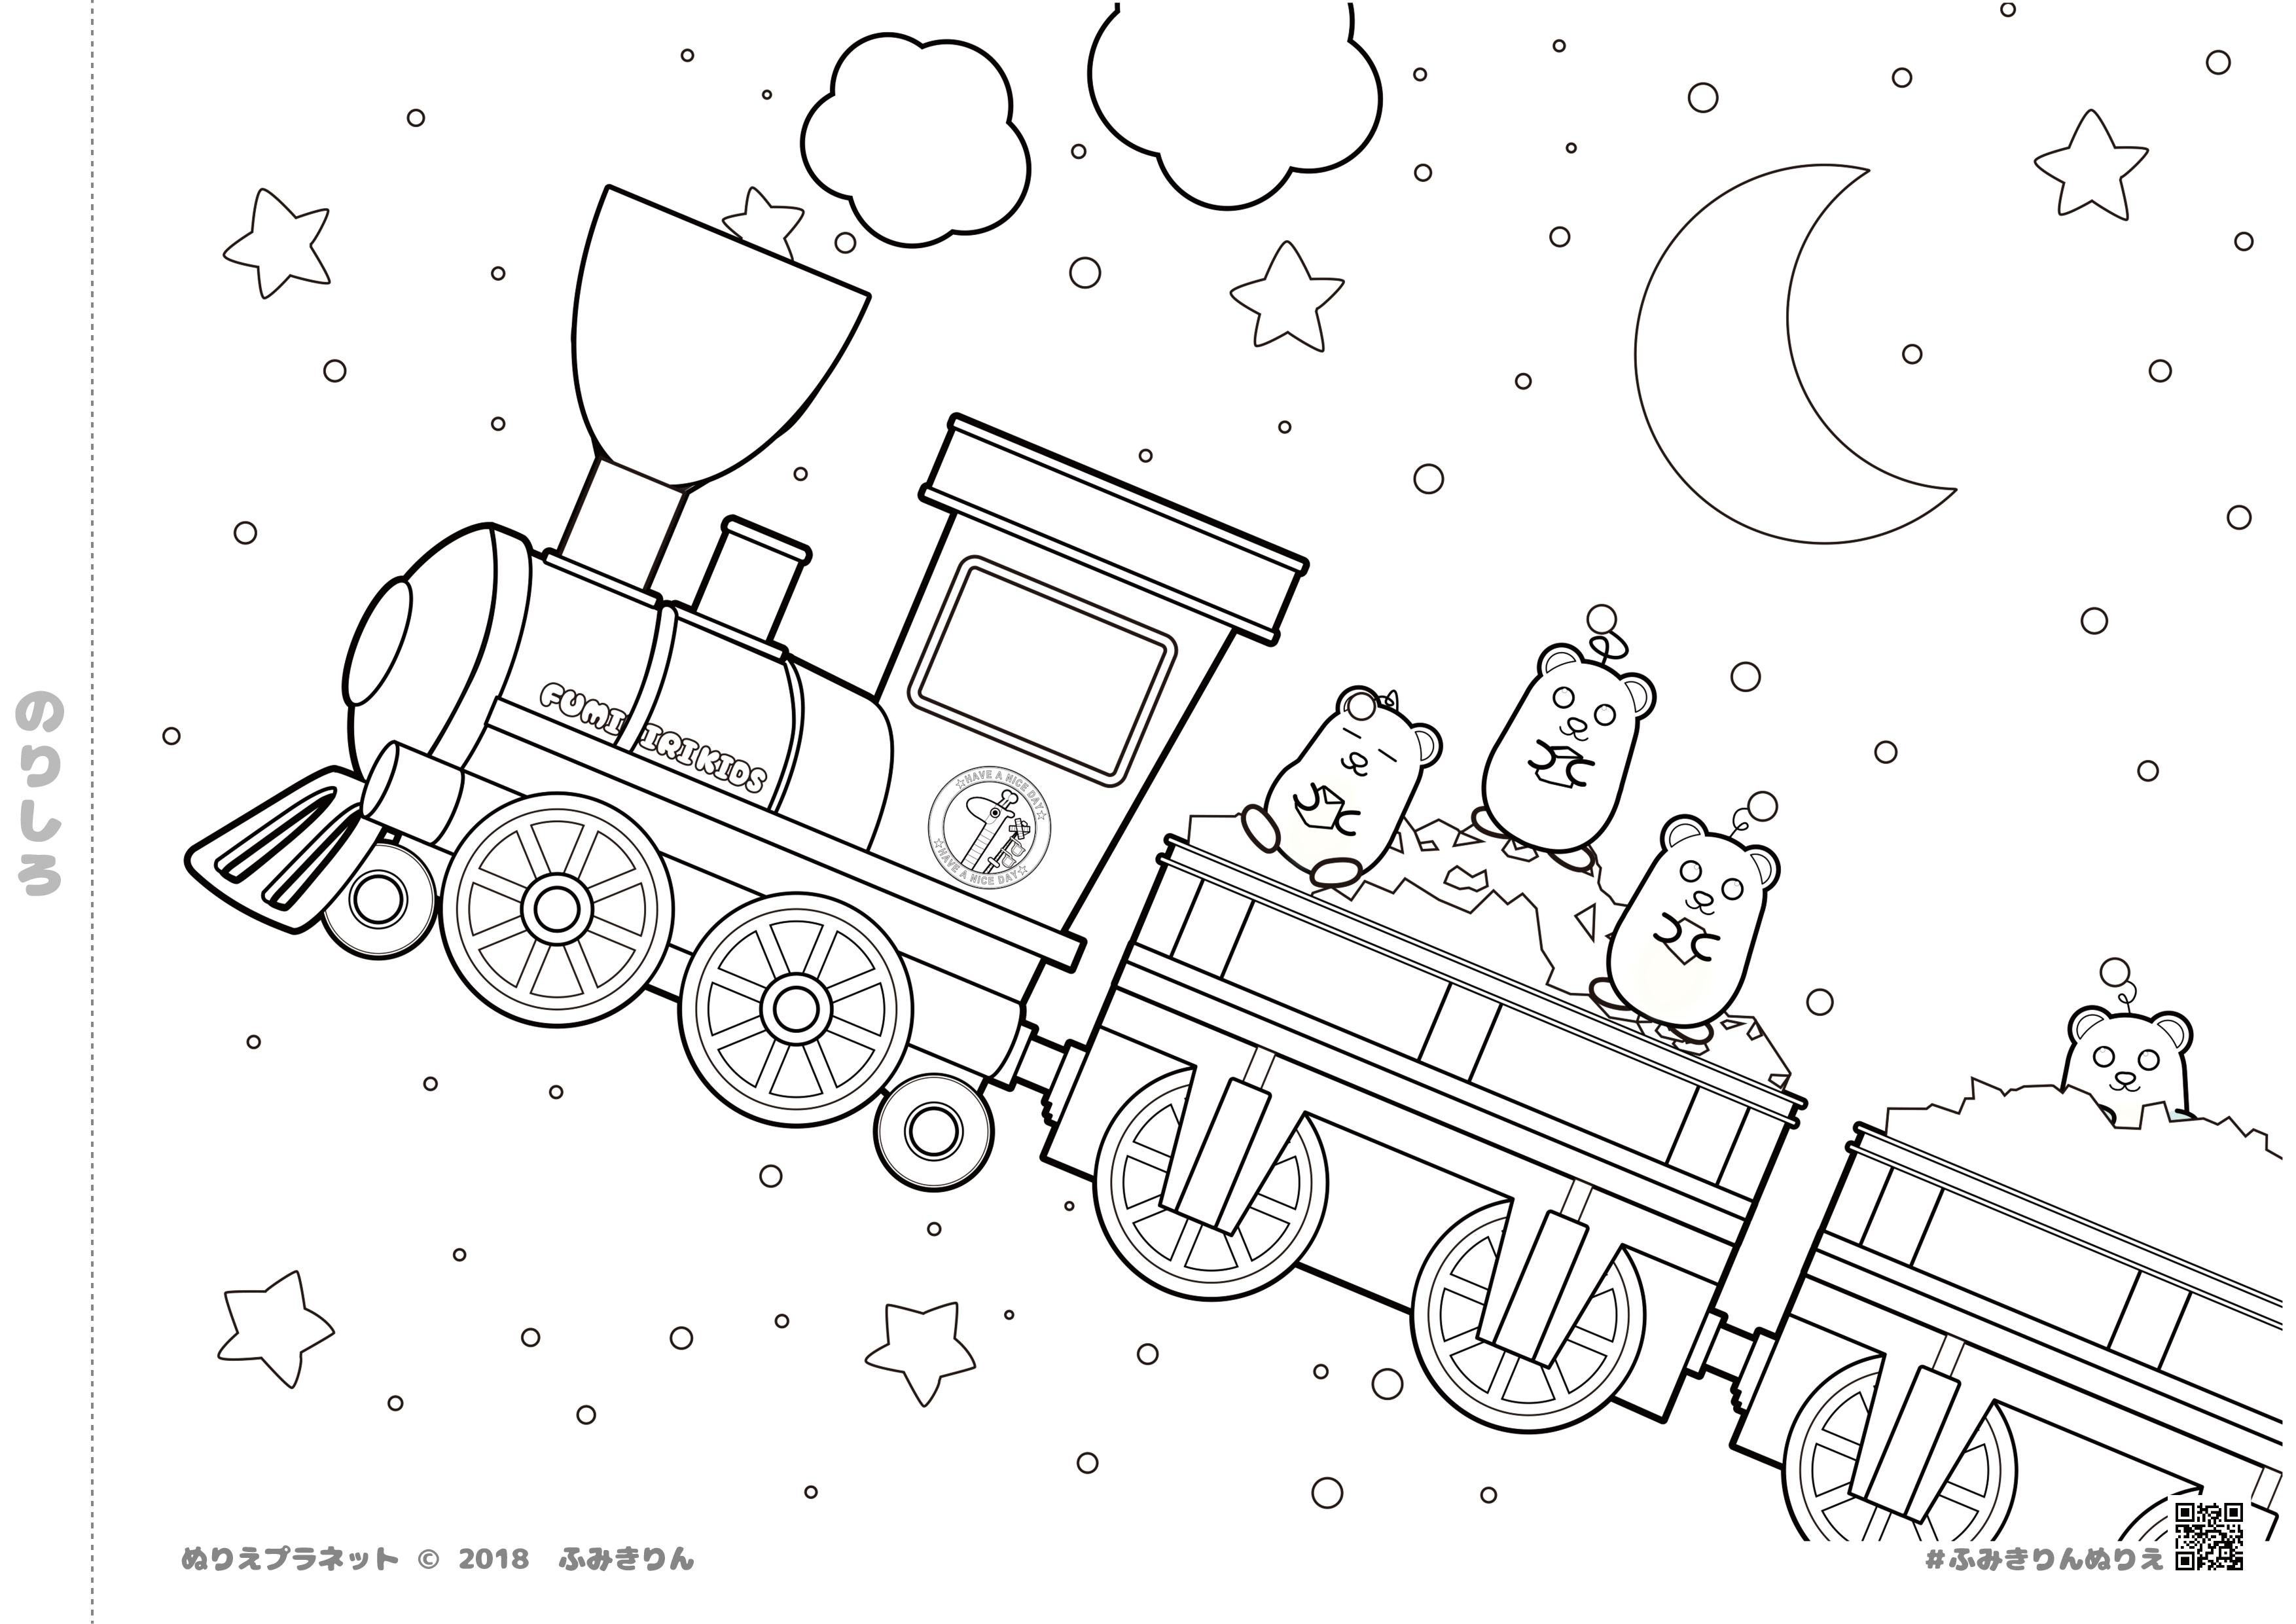 夜汽車がぽっぽー!バチューたちがのってるね。のぬりえです。